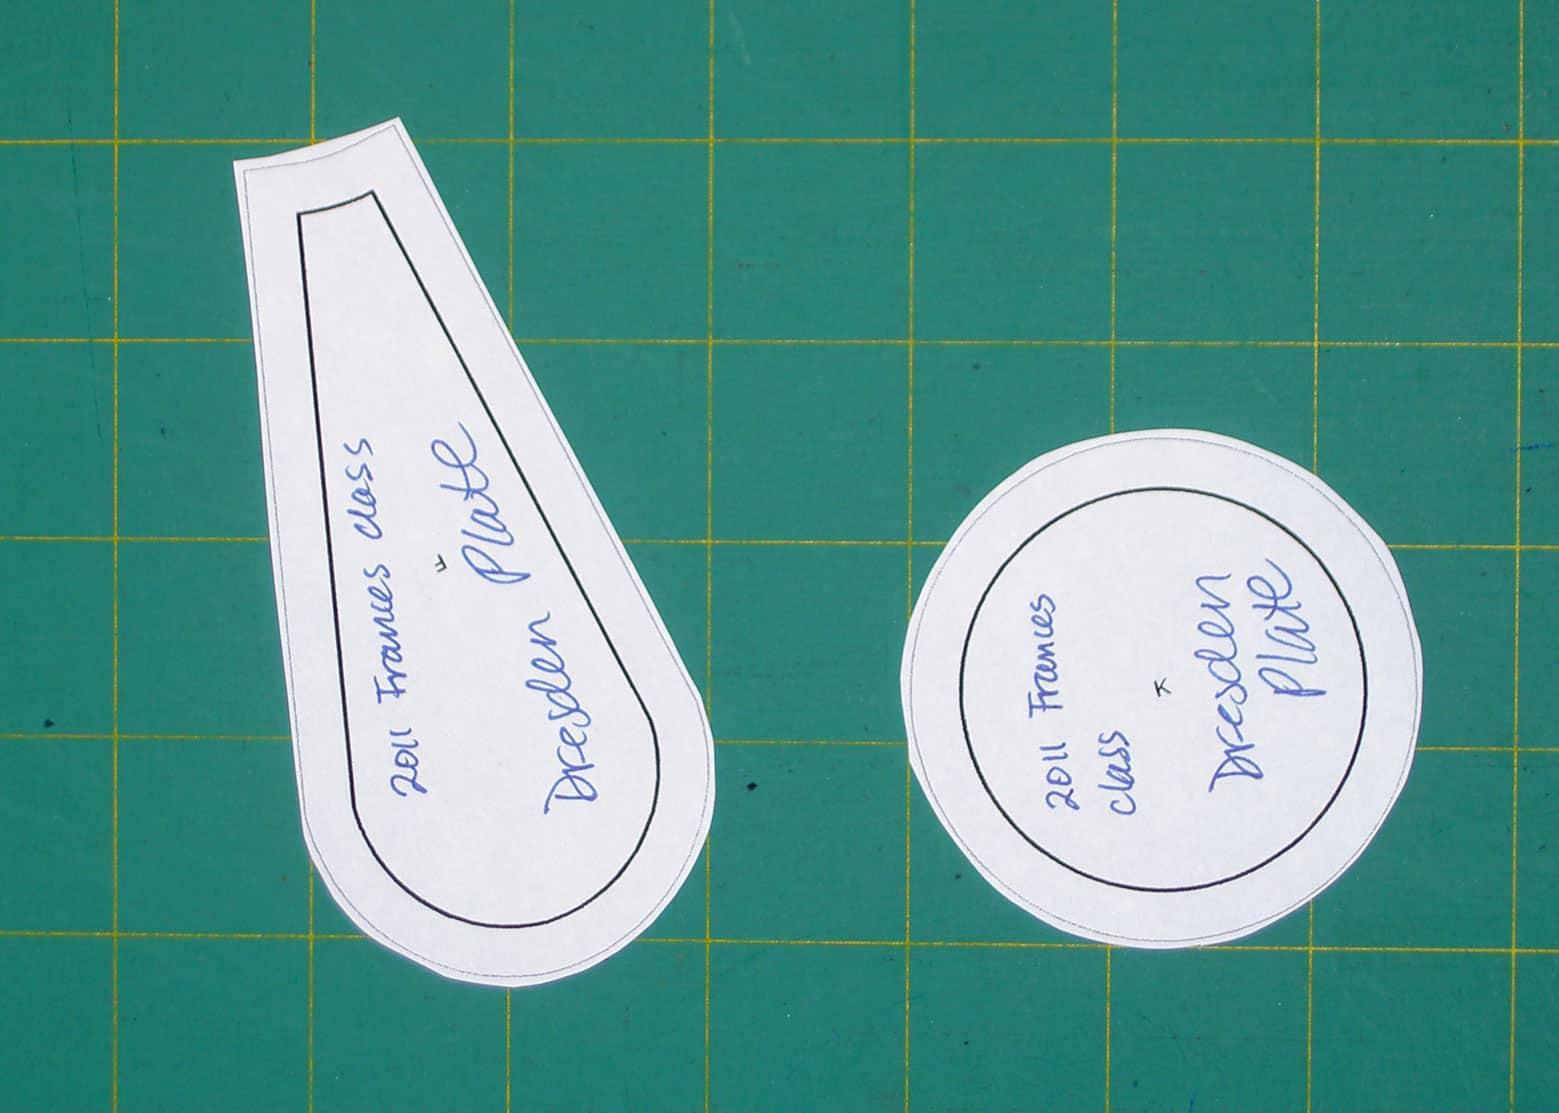 Sampler Class Making A Dresden Plate Artquiltmaker Blog - Dresden plate template